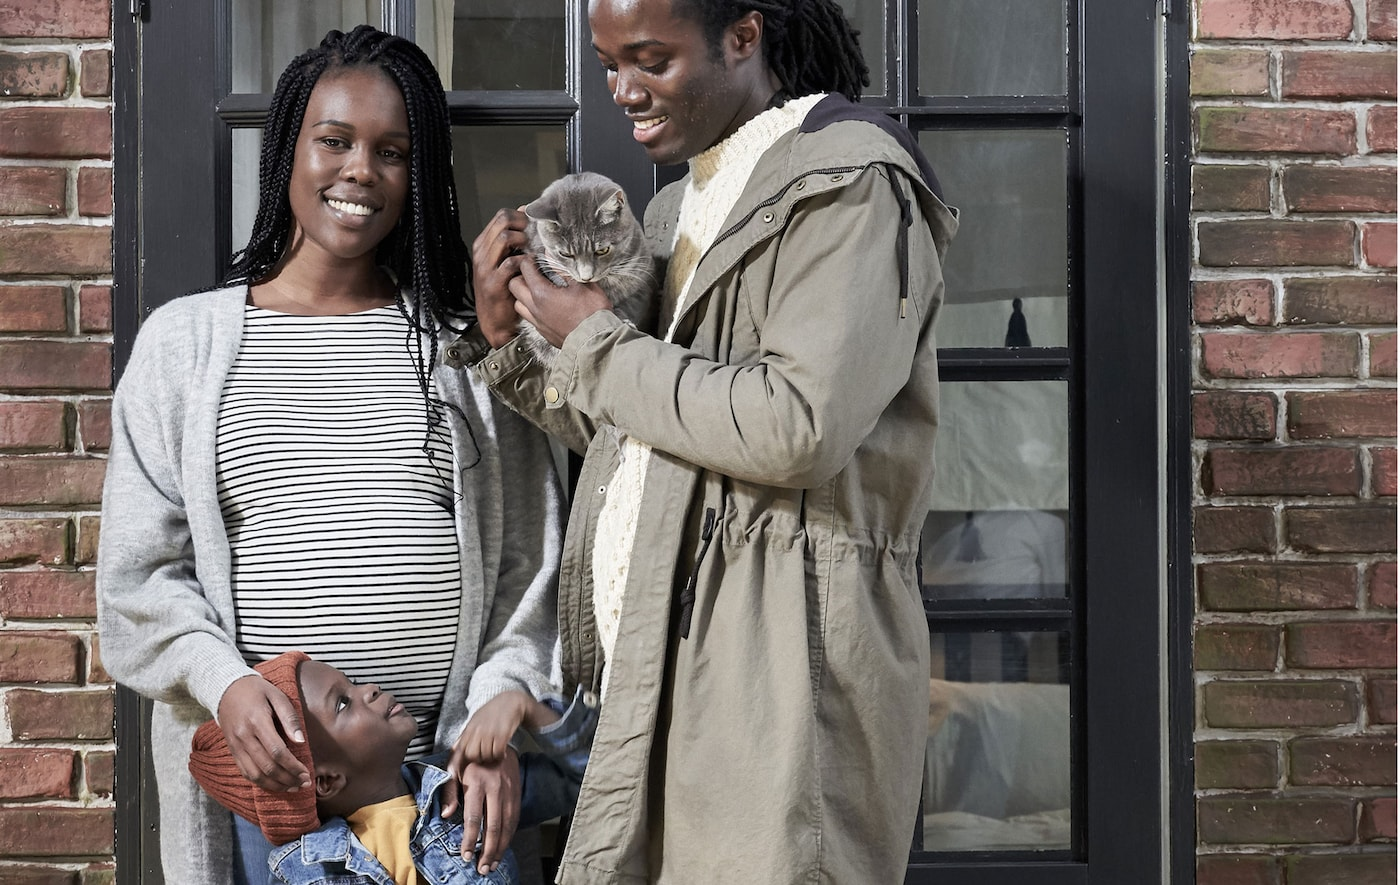 Une femme enceinte et un homme souriants, proches de la trentaine, devant un mur en briques, un petit garçon entre eux; l'homme a un chat dans les bras.